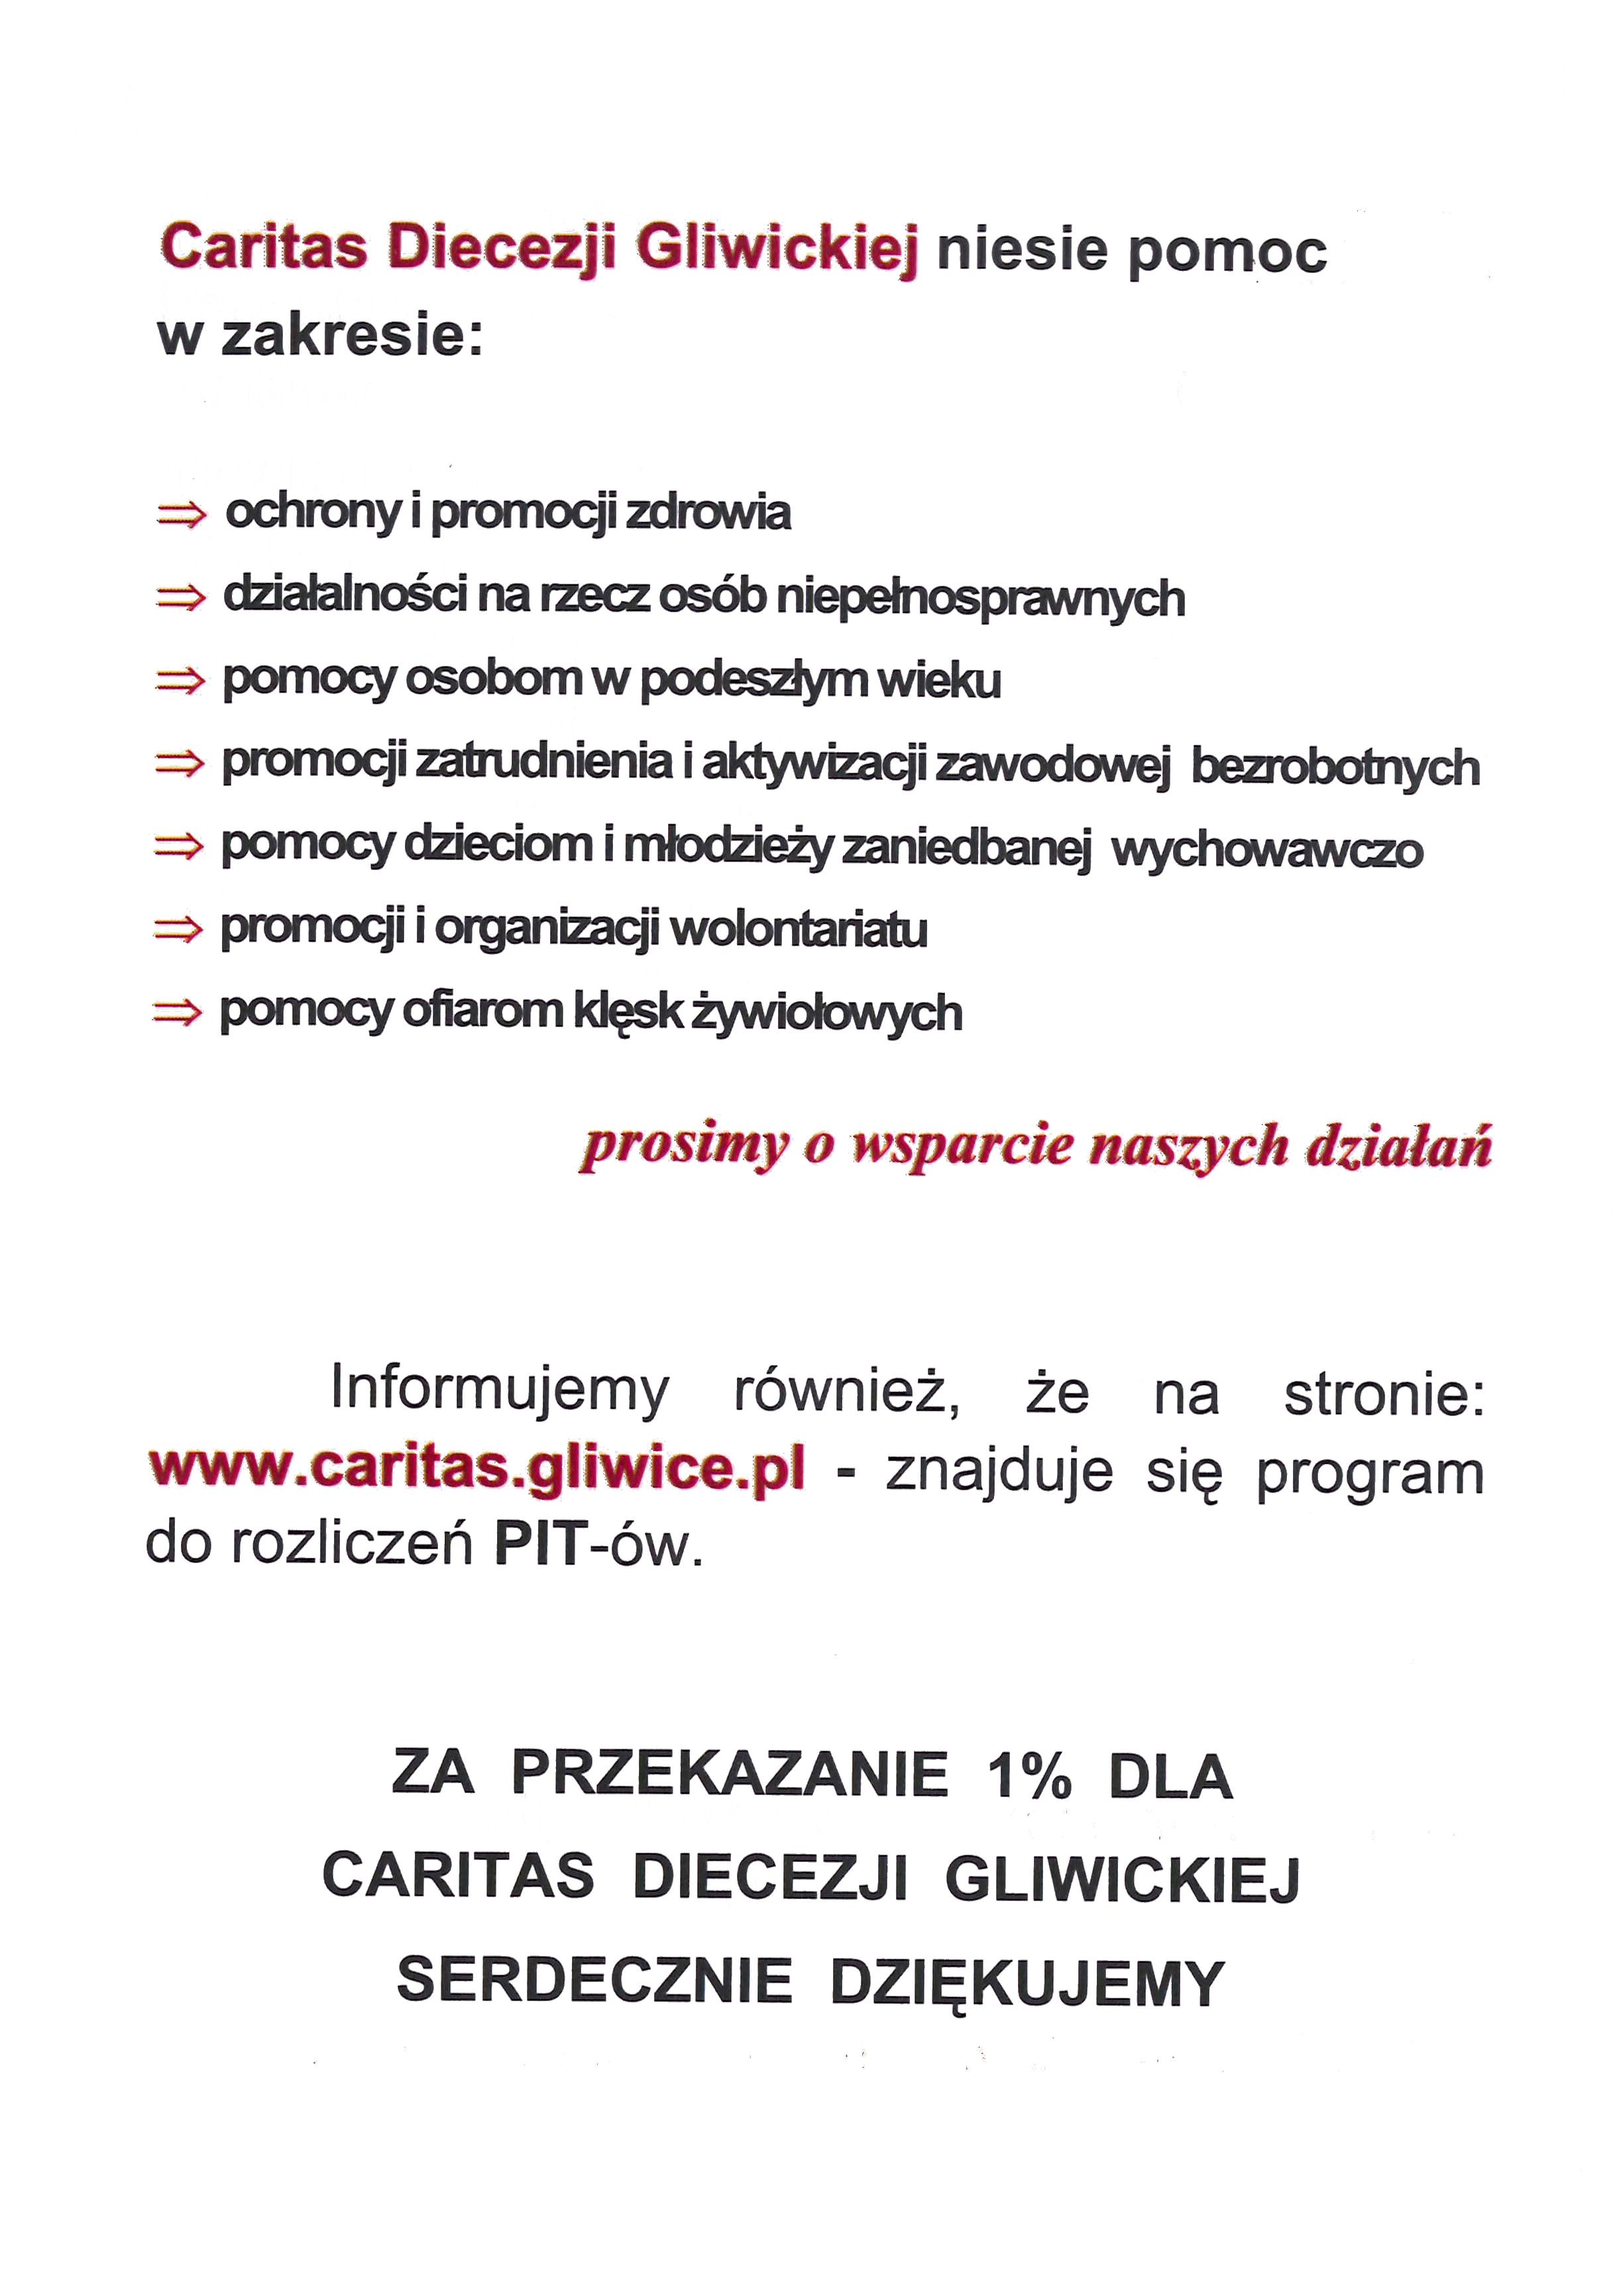 1% dla Caritas (c.d.)